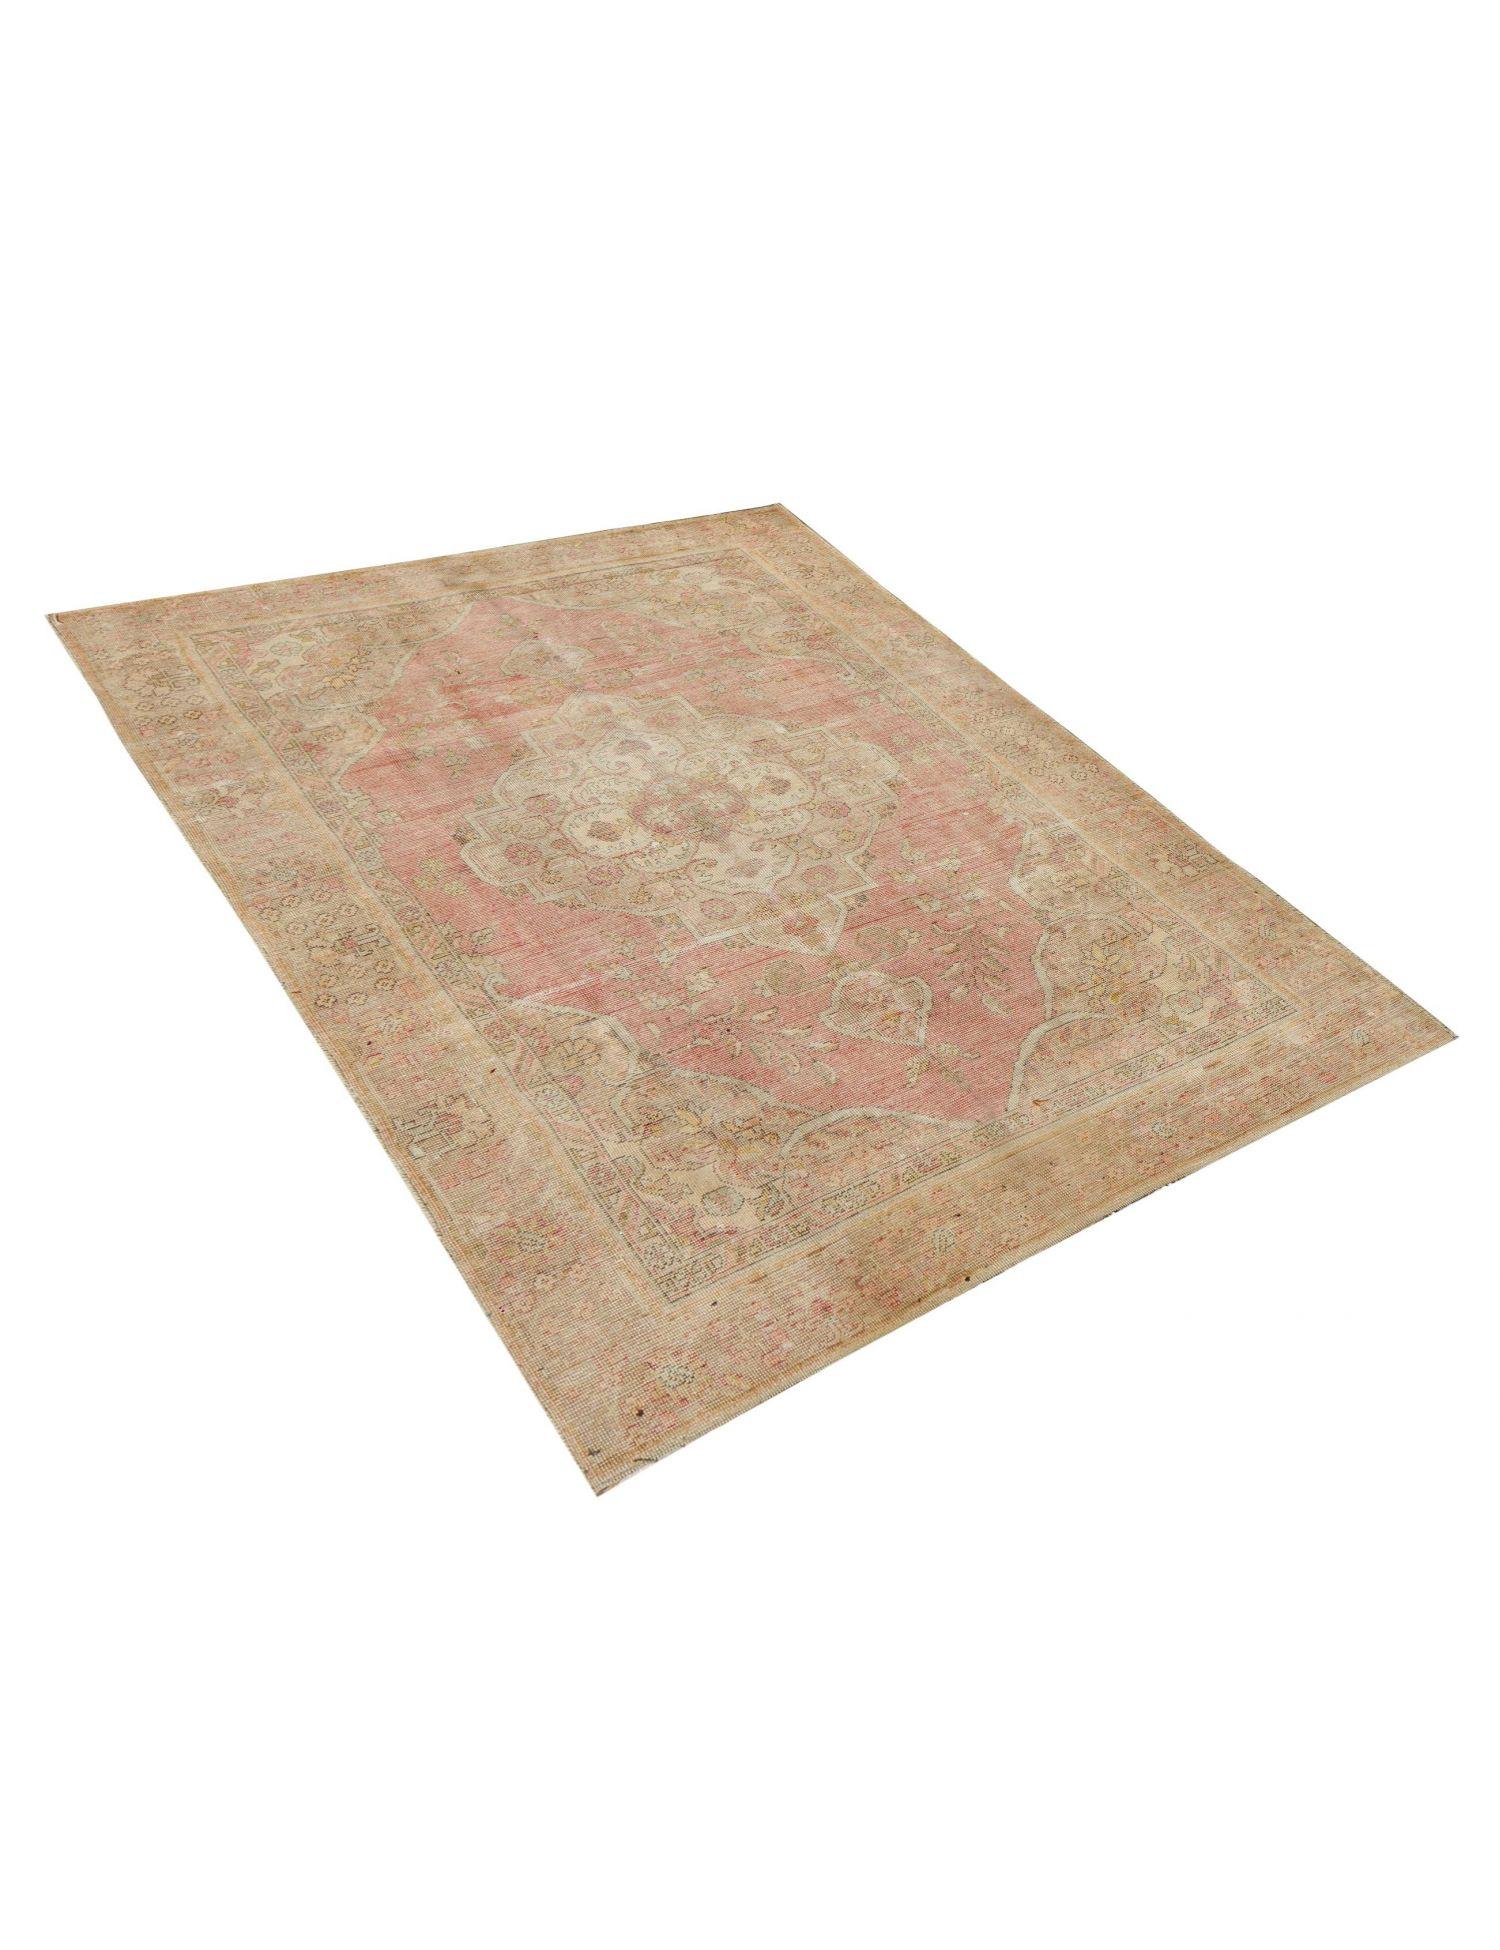 Persischer Vintage Teppich  beige <br/>270 x 180 cm